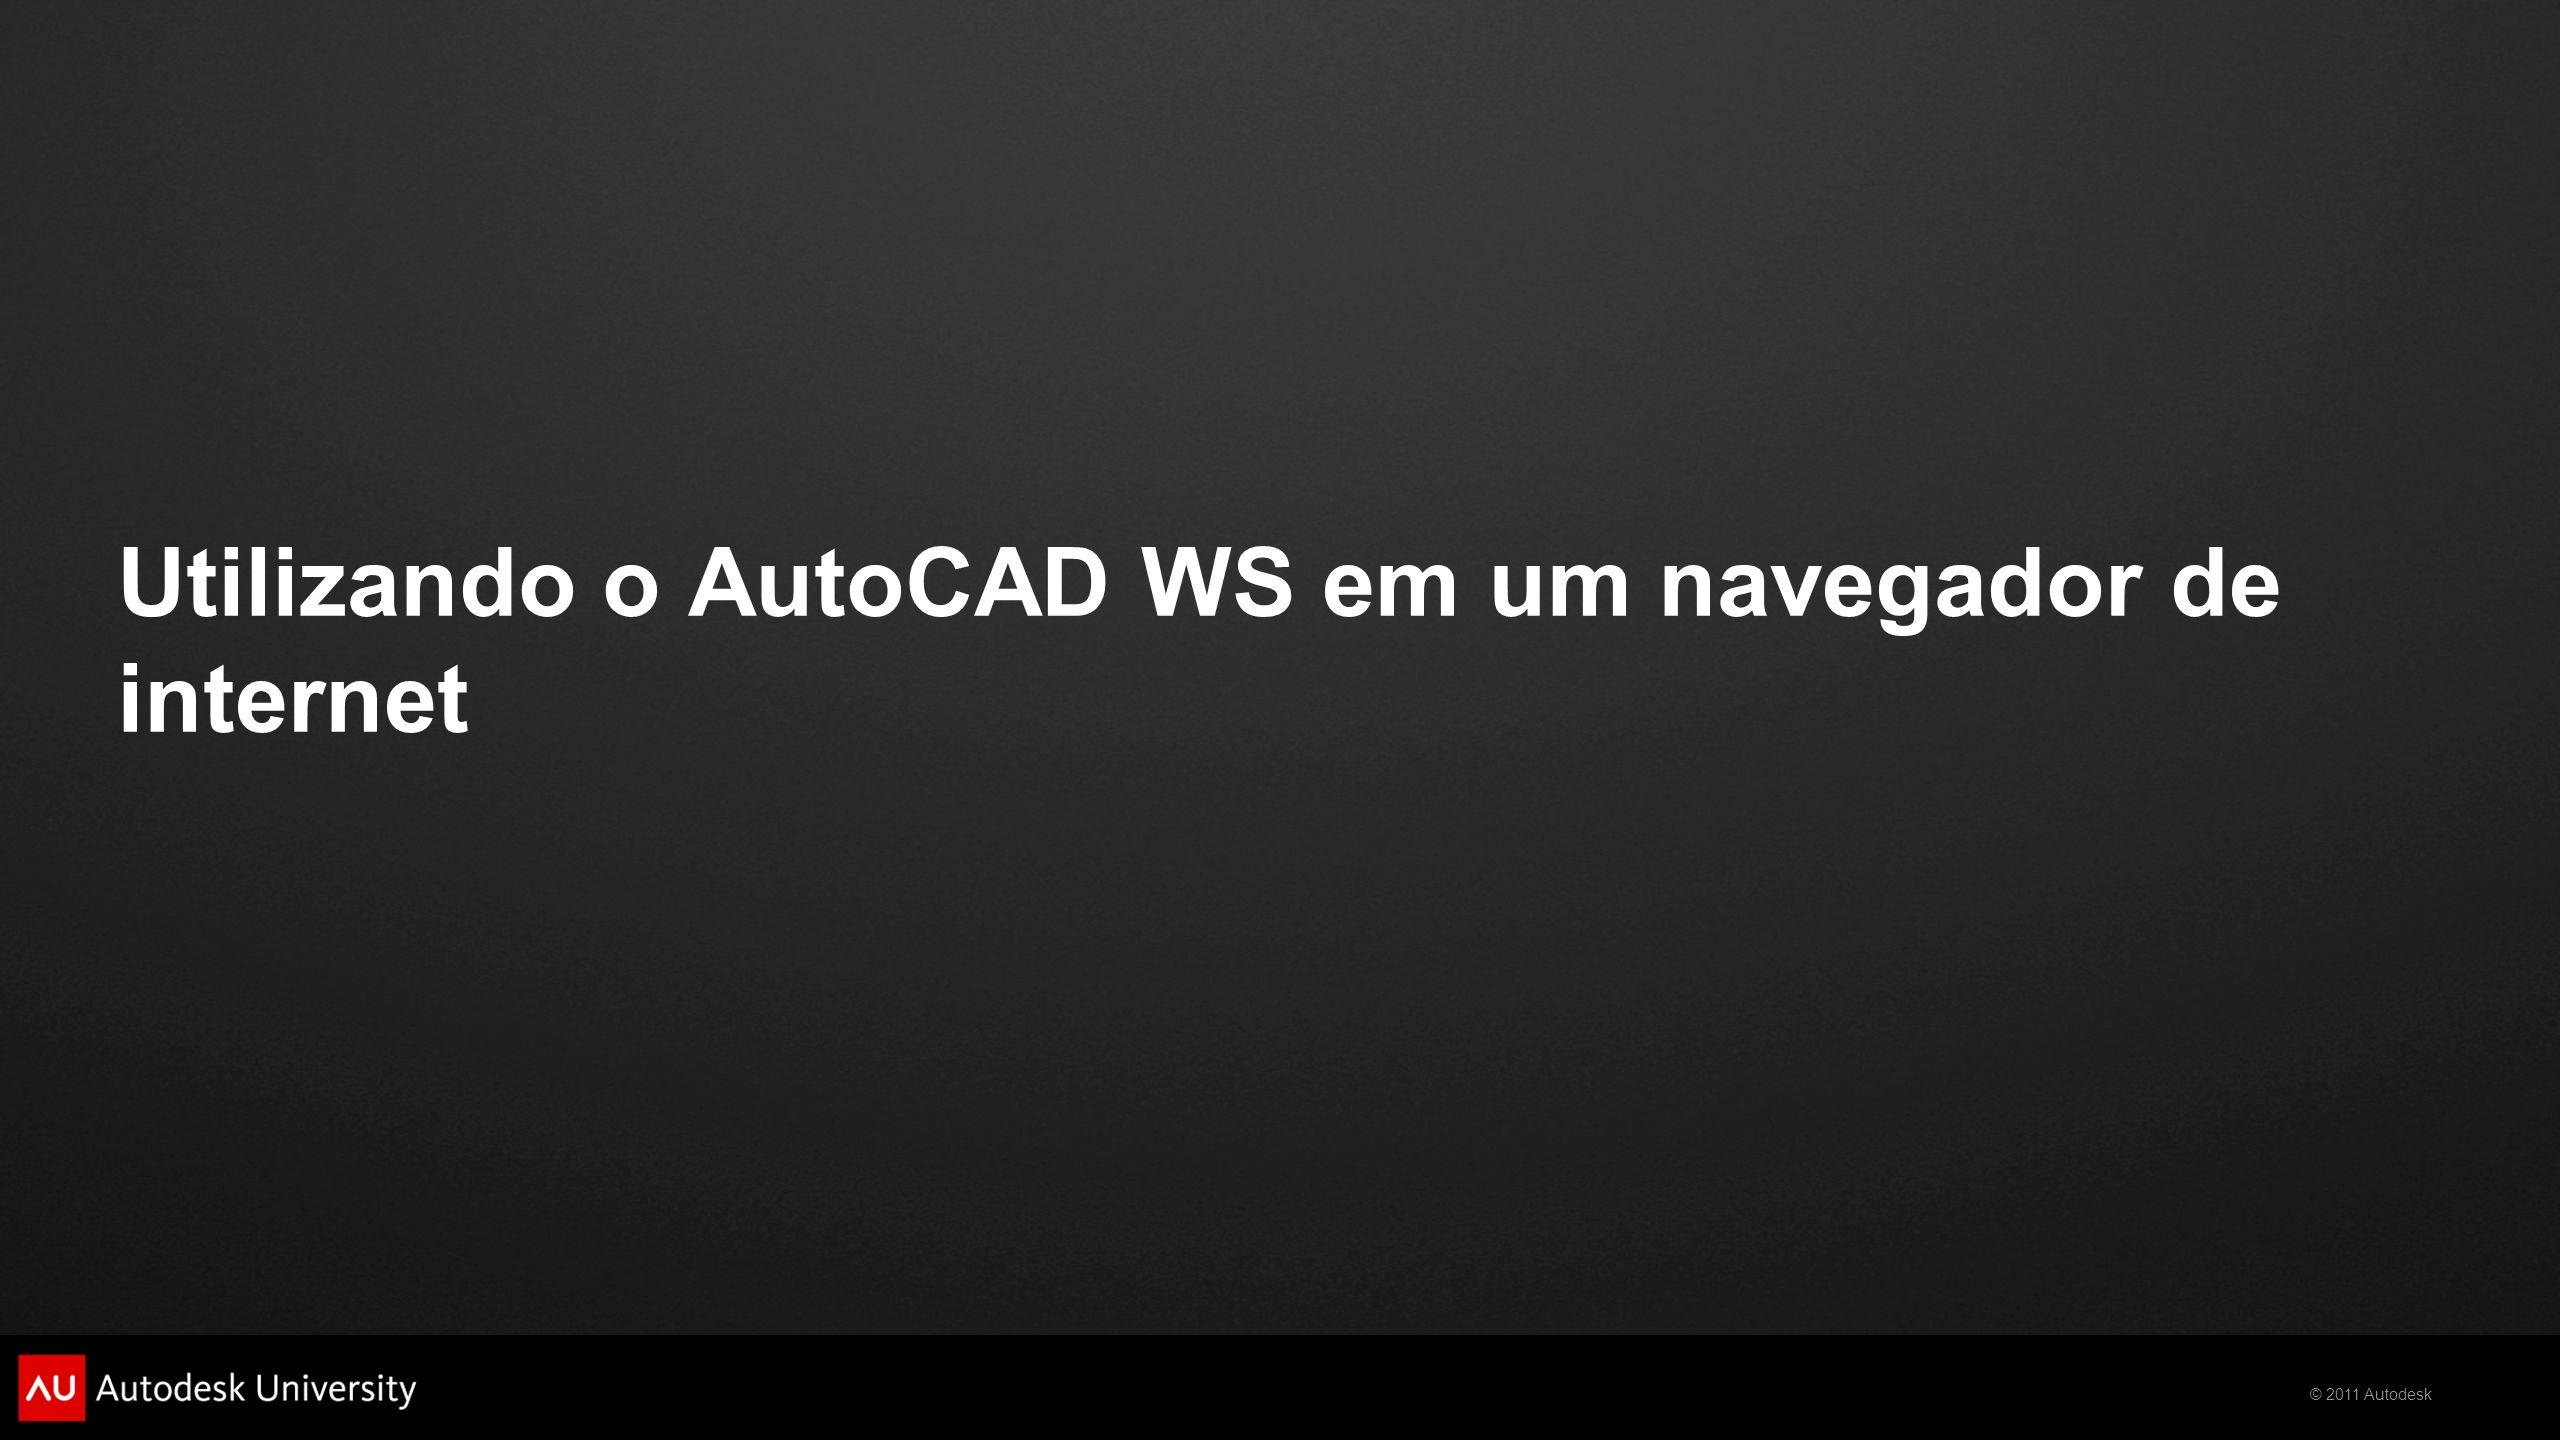 Utilizando o AutoCAD WS em um navegador de internet